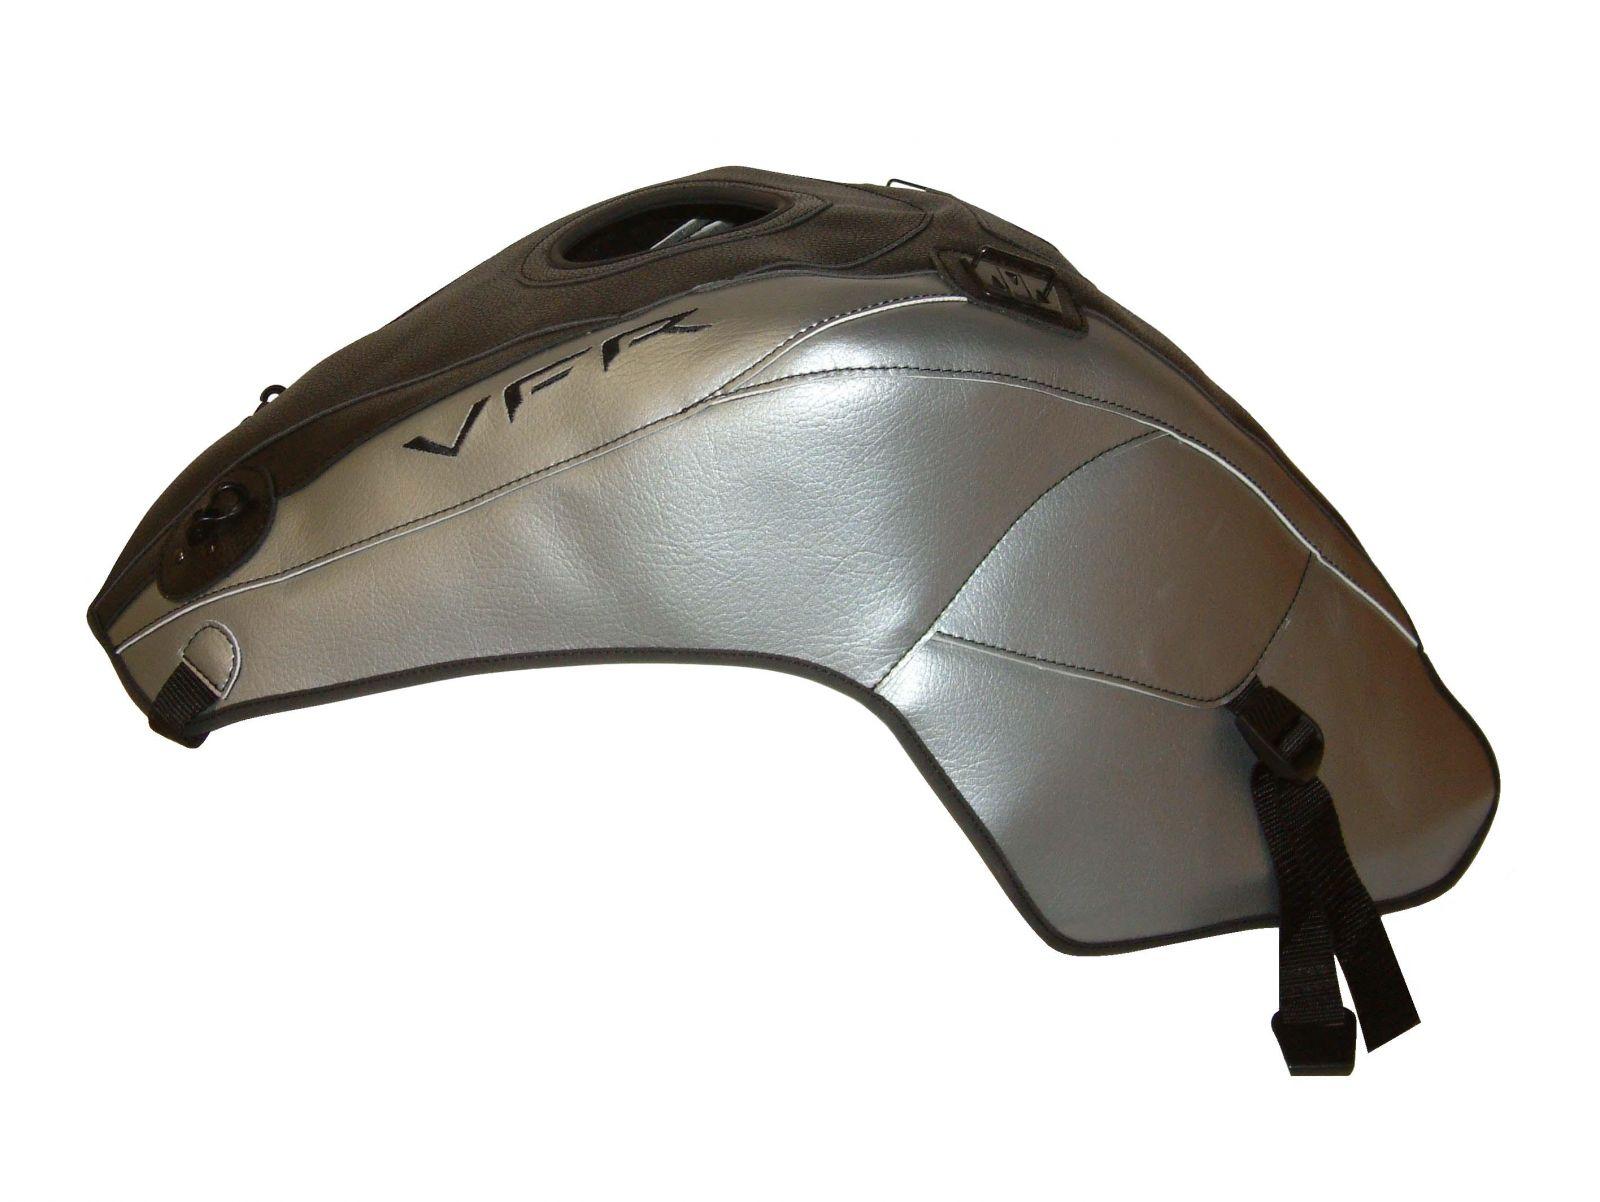 Capa de depósito TPR5972 - HONDA VFR 1200 F [≥ 2010]